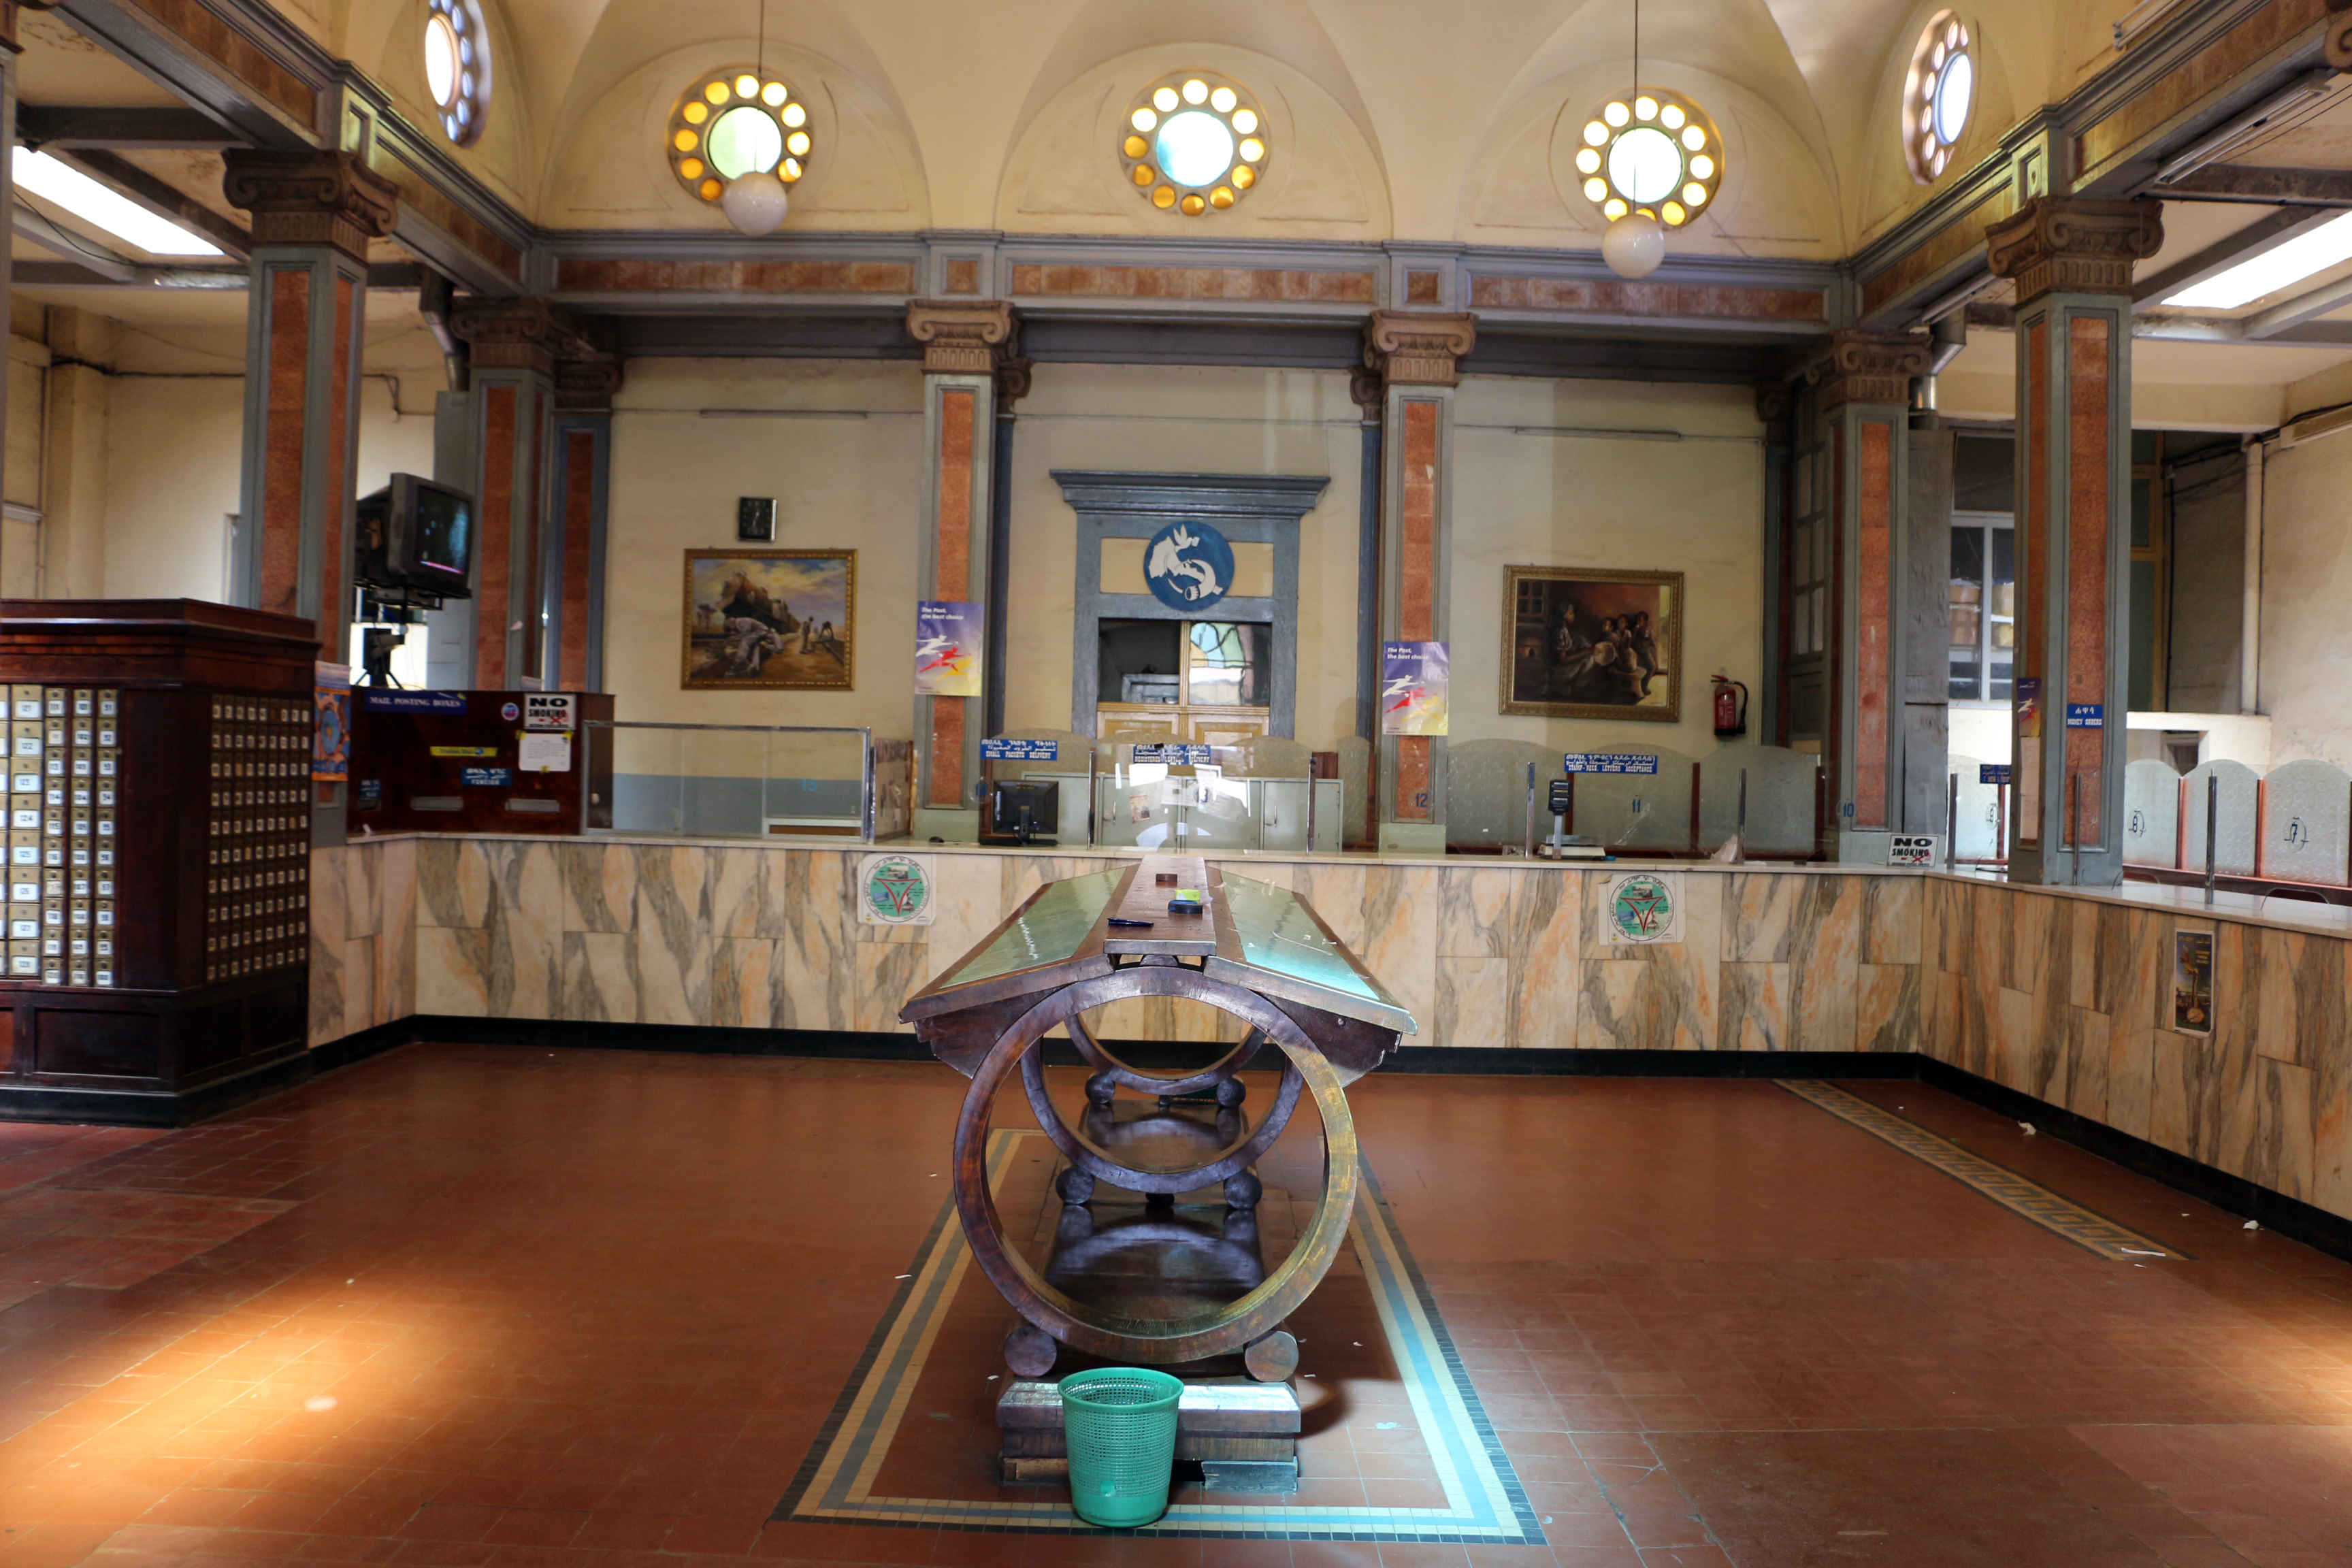 Ufficio Wikipedia : File:asmara ufficio postale interno 02.jpg wikimedia commons